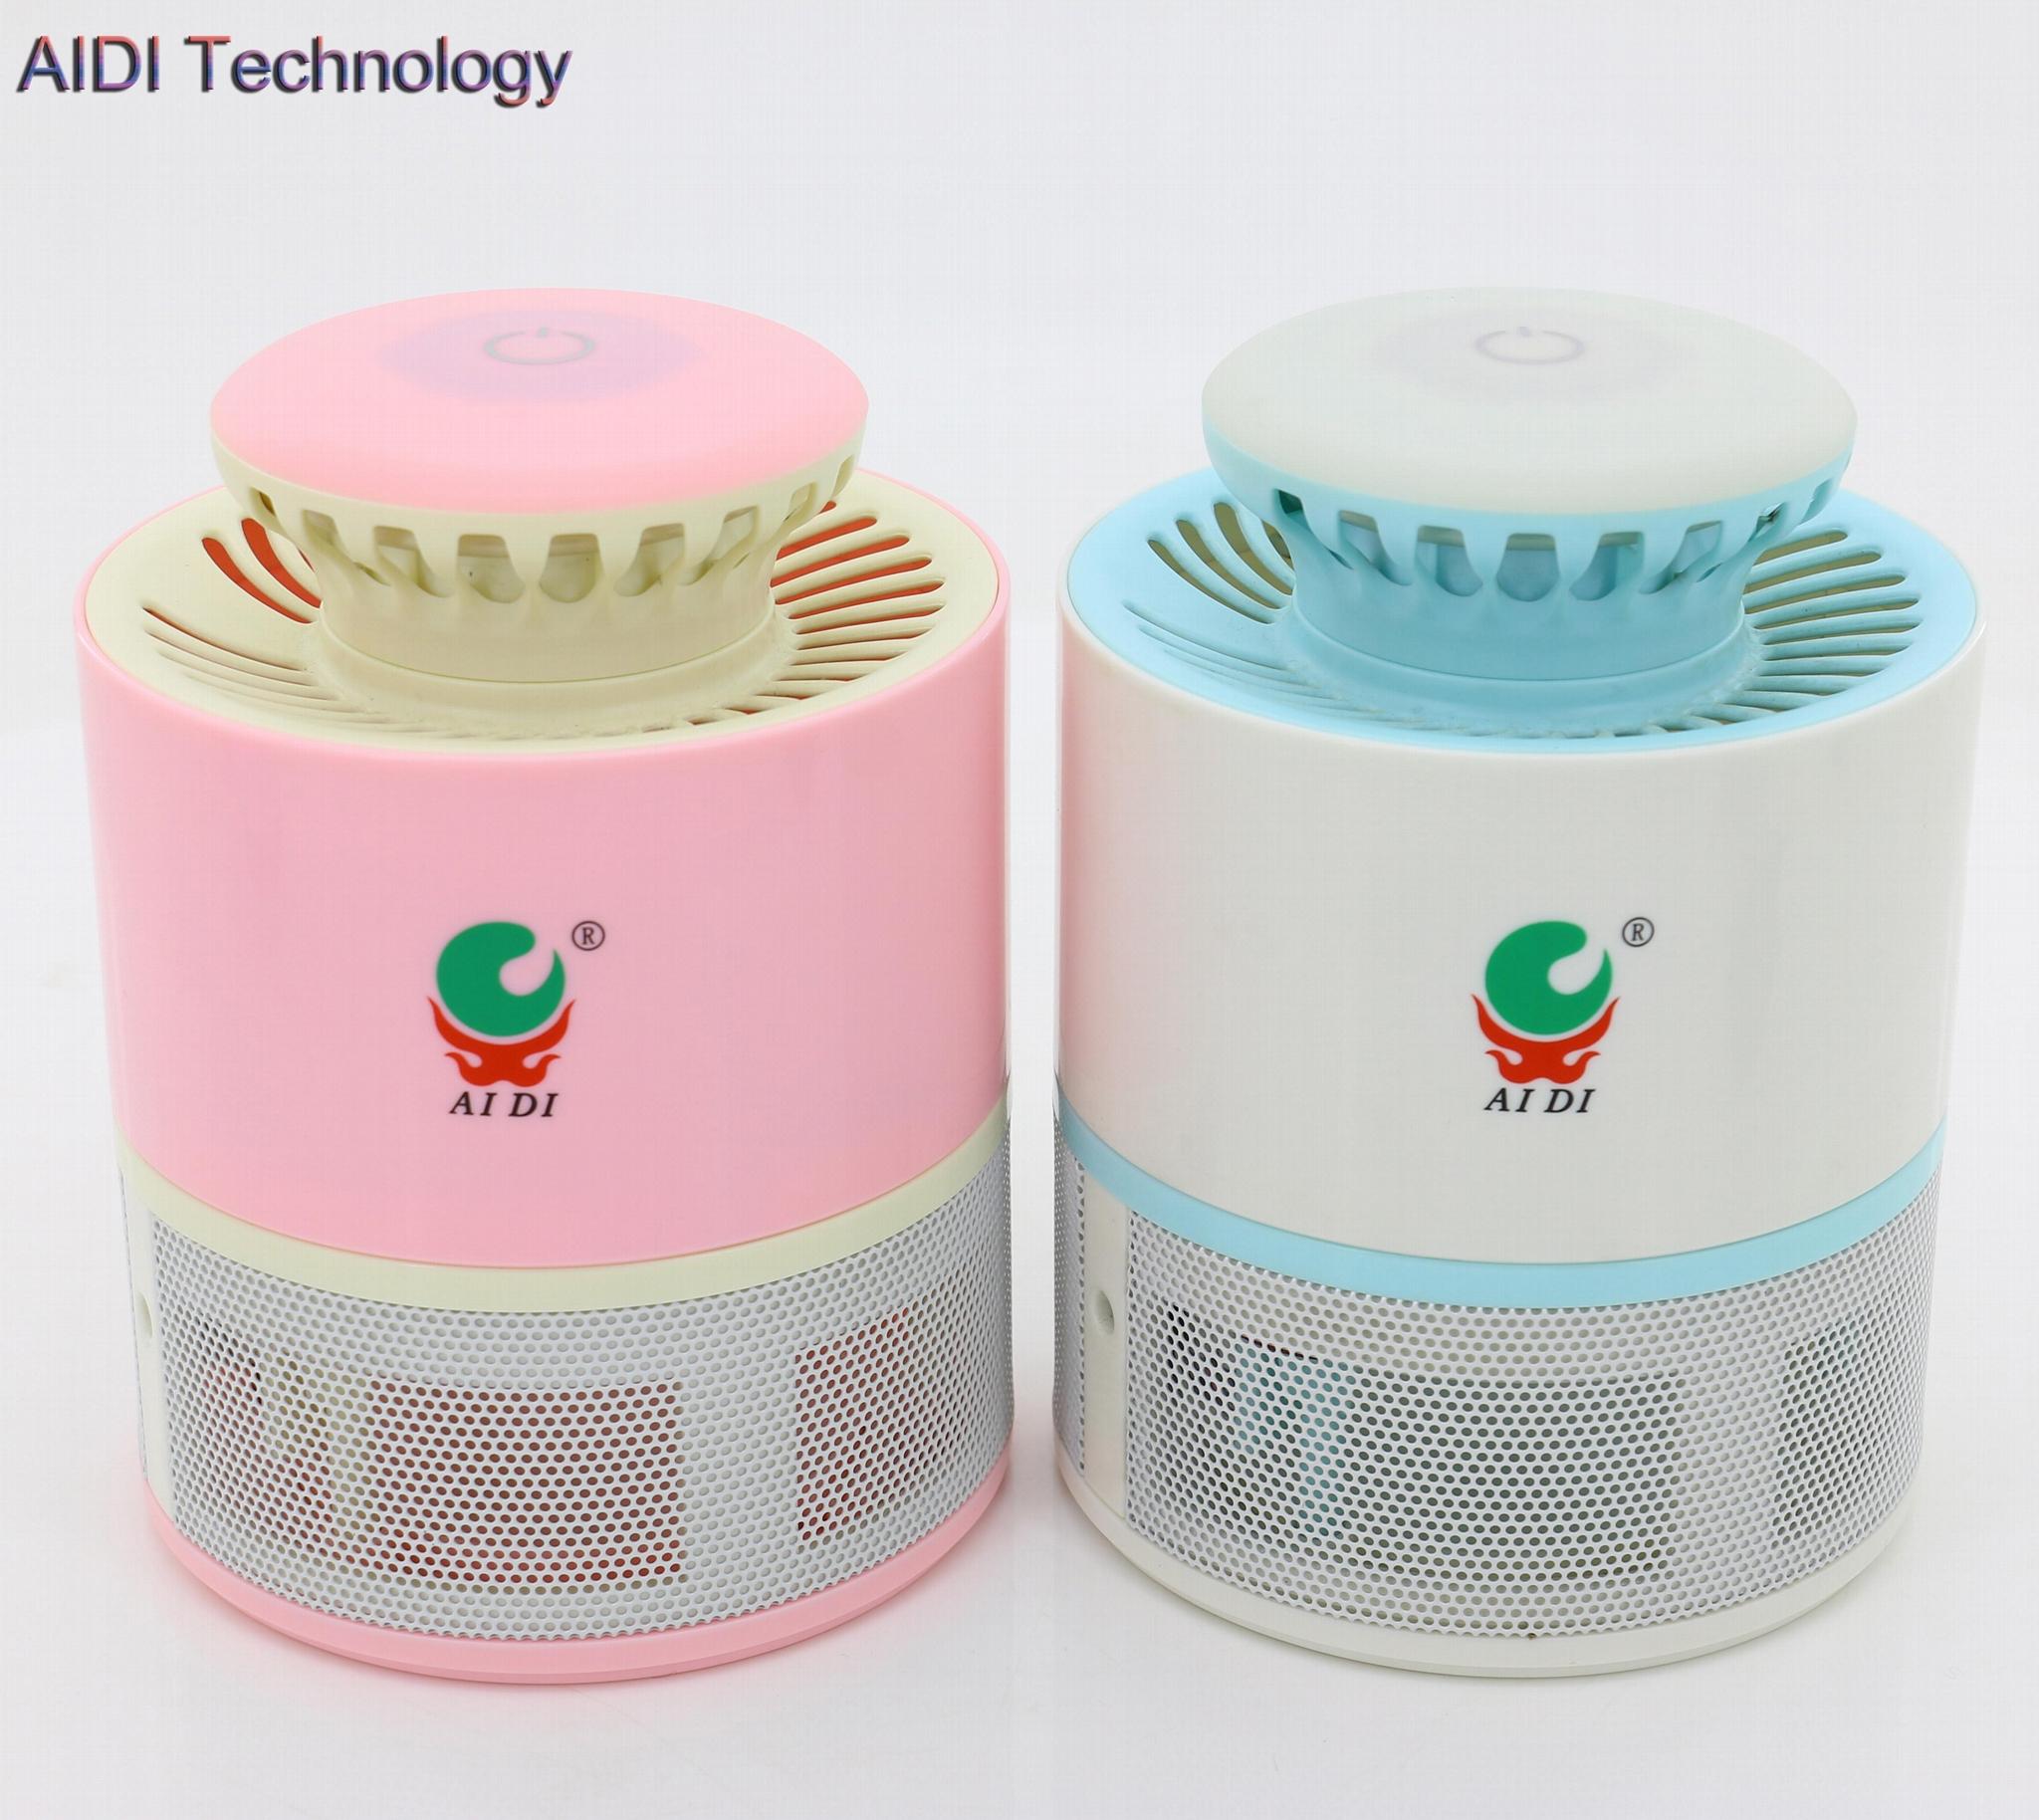 大健康智能环保灭蚊器灭蚊净化二合一灭蚊器  2